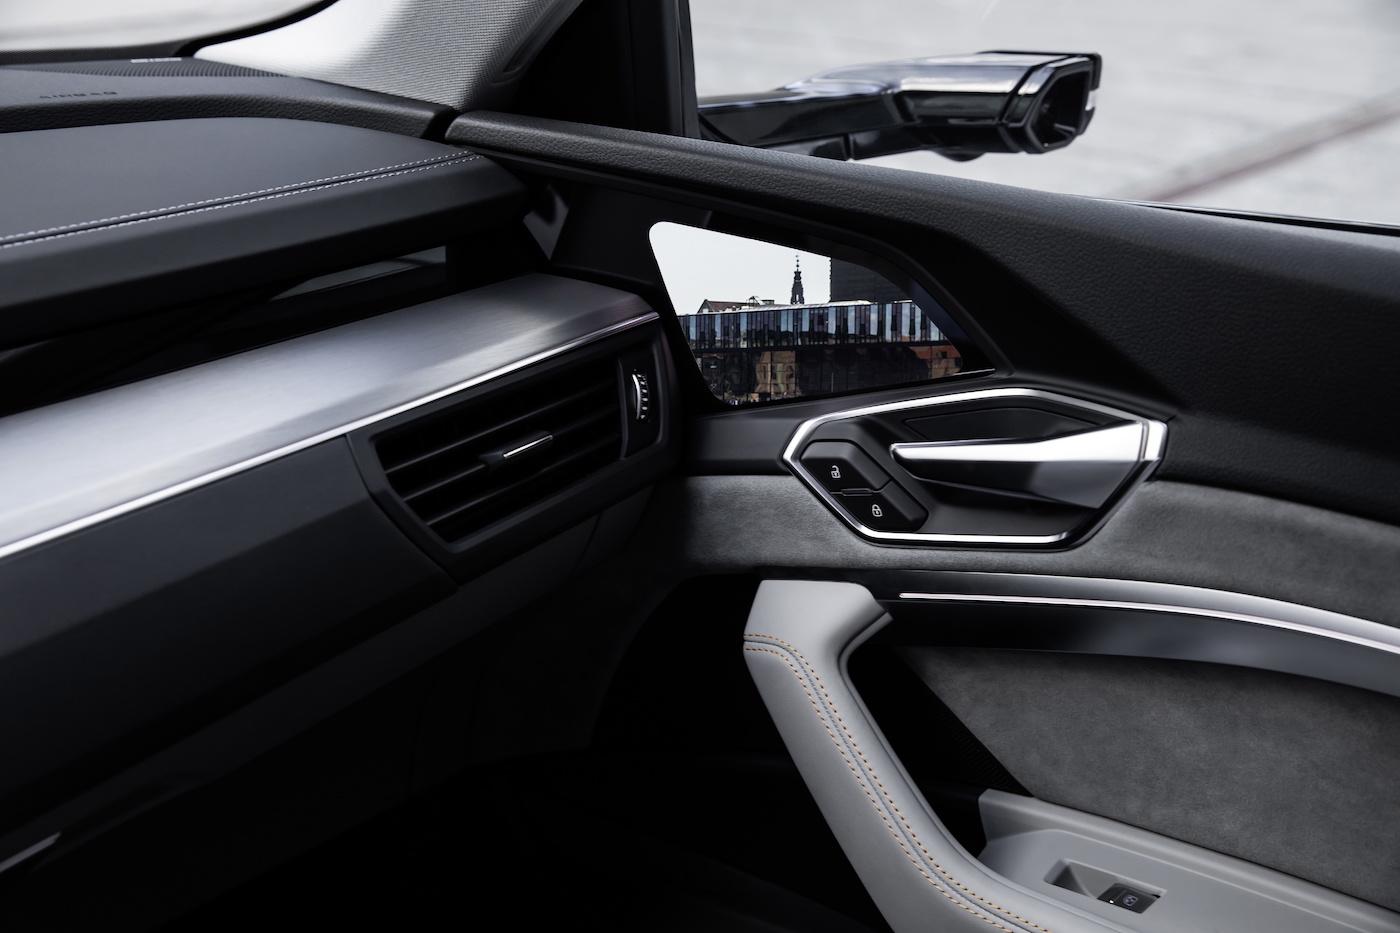 Gli specchietti esterni virtuali dell'Audi e-tron Prototipo sono un'innovazione tecnologica con pratici vantaggi. (Audi)